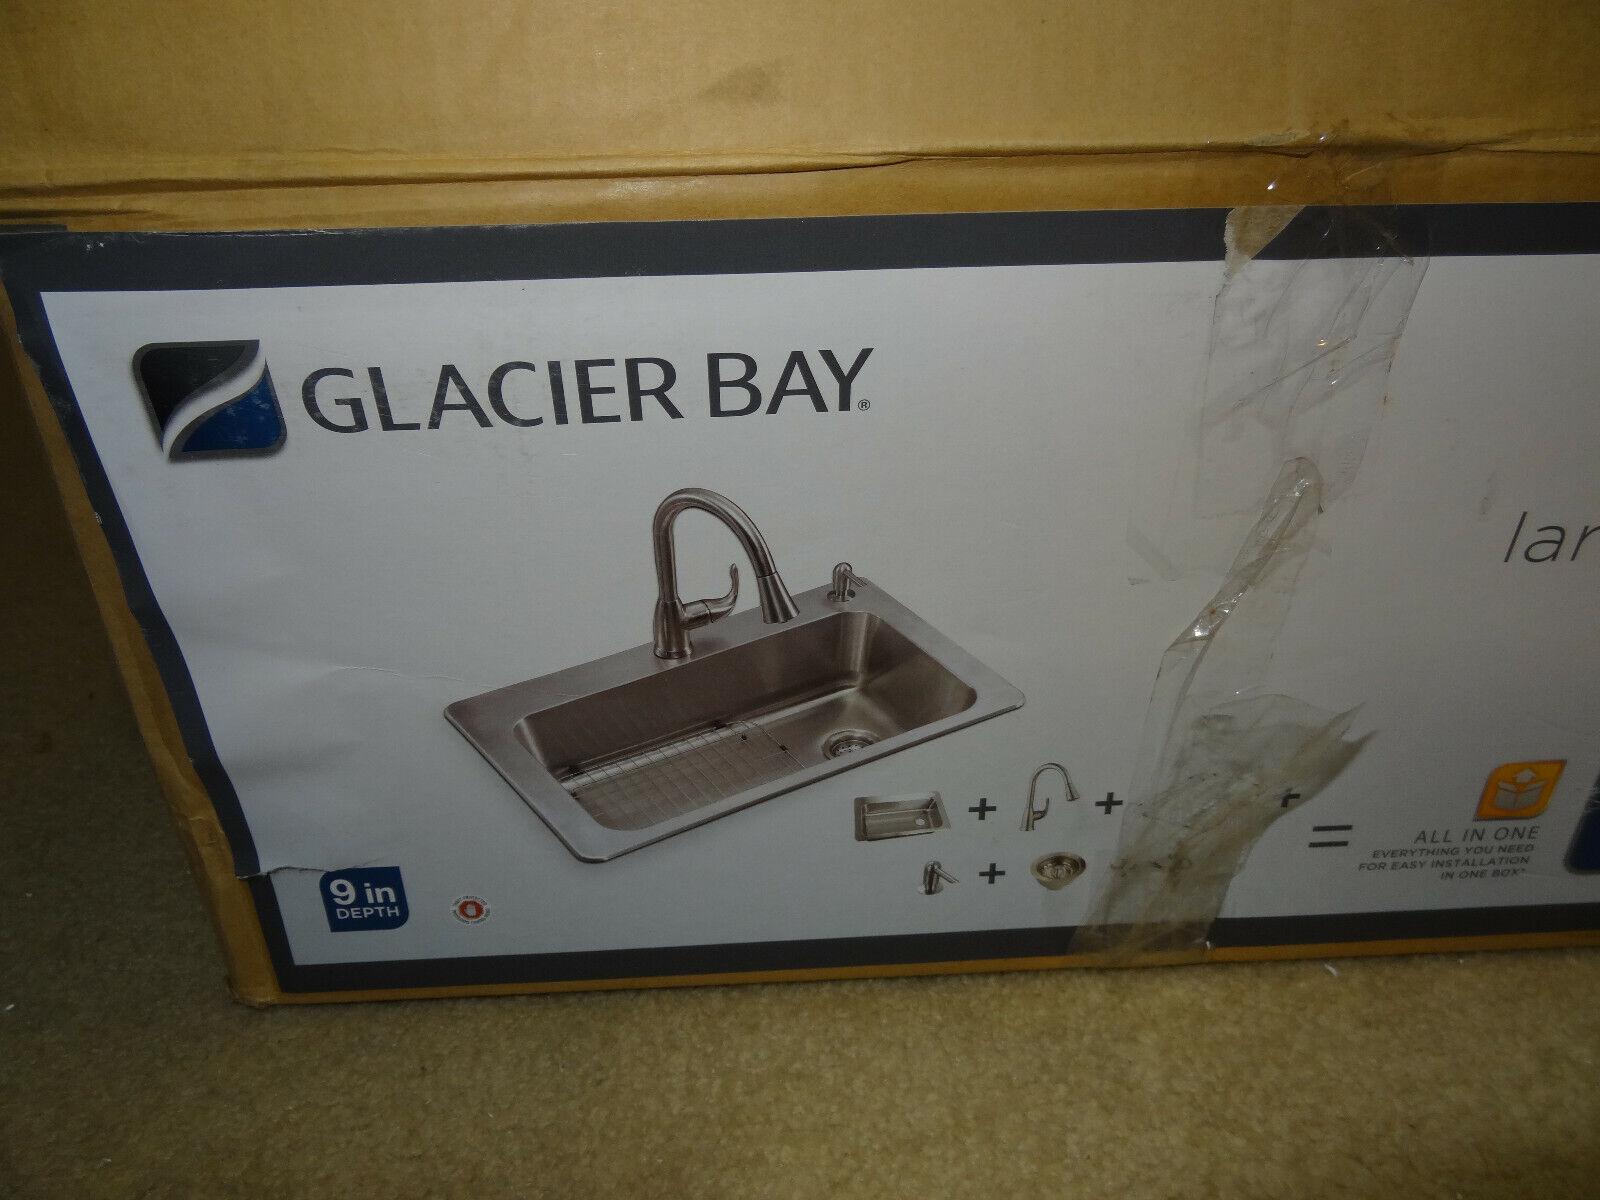 glacier bay 18 gauge single bowl stainless steel kitchen sink model vt3322d1